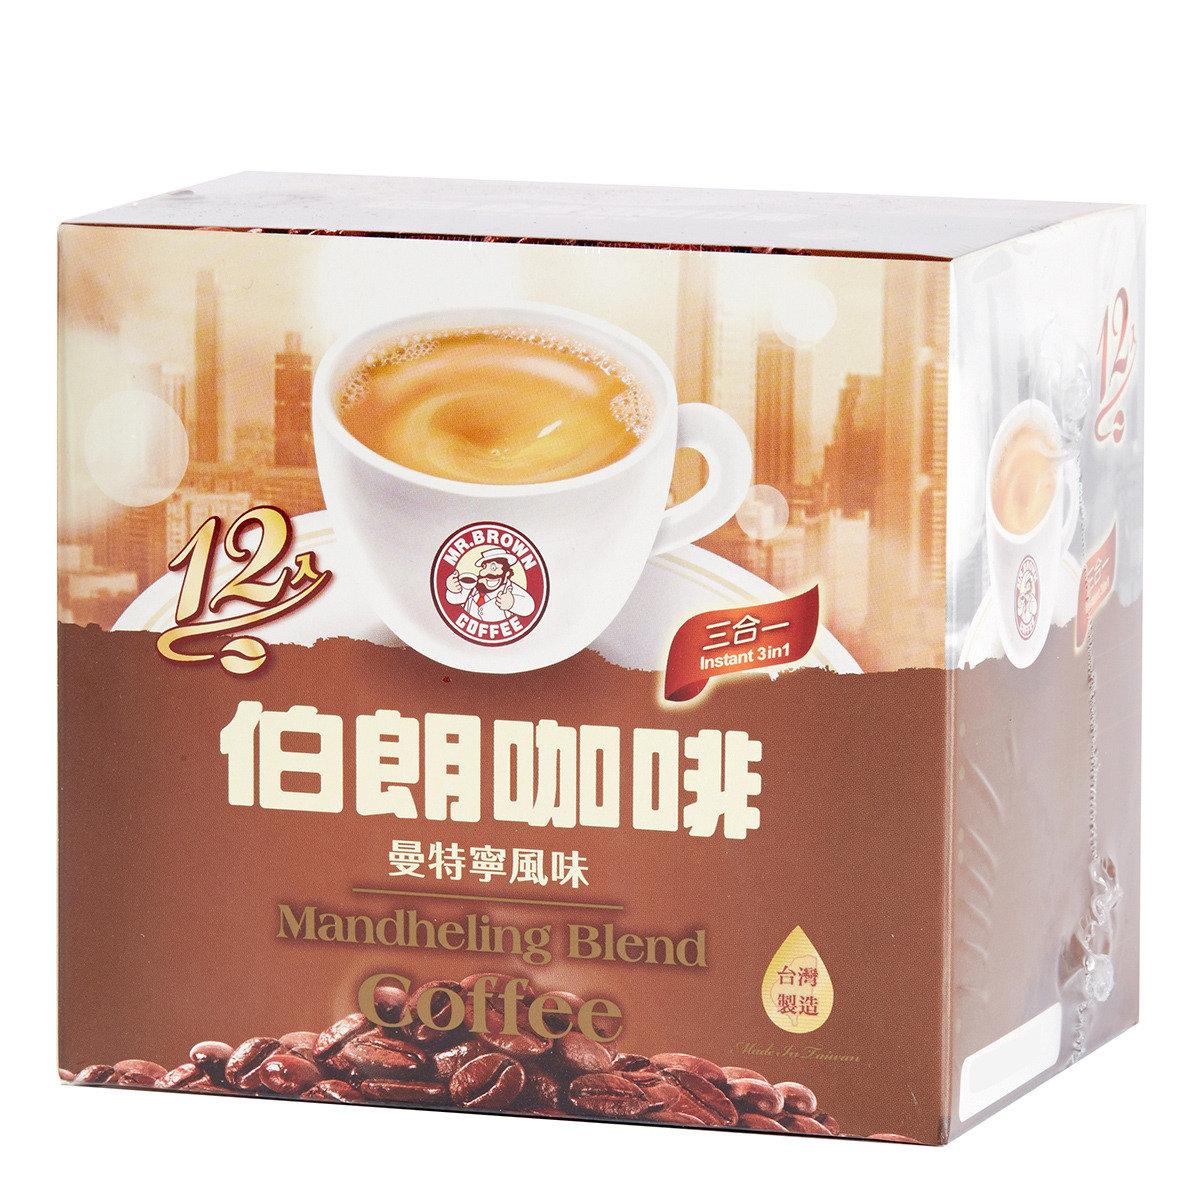 曼特寧風味三合一咖啡